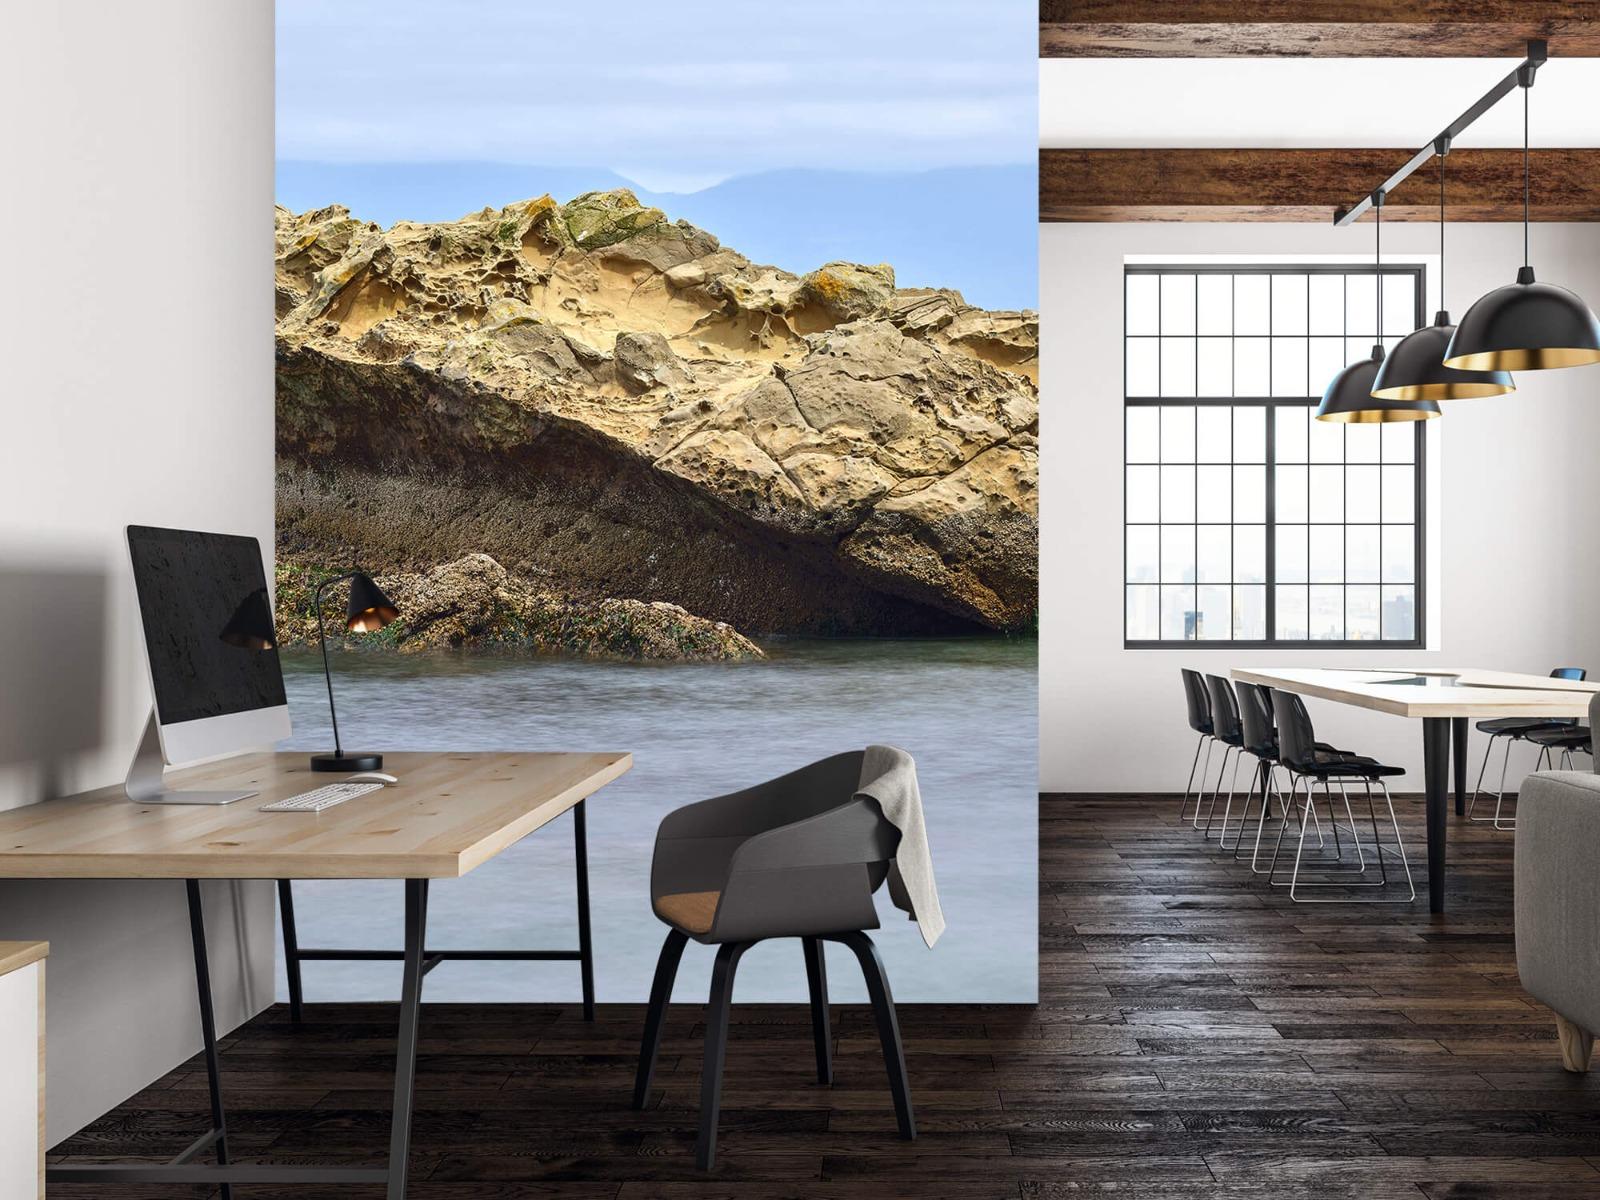 Zeeën en Oceanen - Mooie rots aan de kust - Wallexclusive - Woonkamer 22